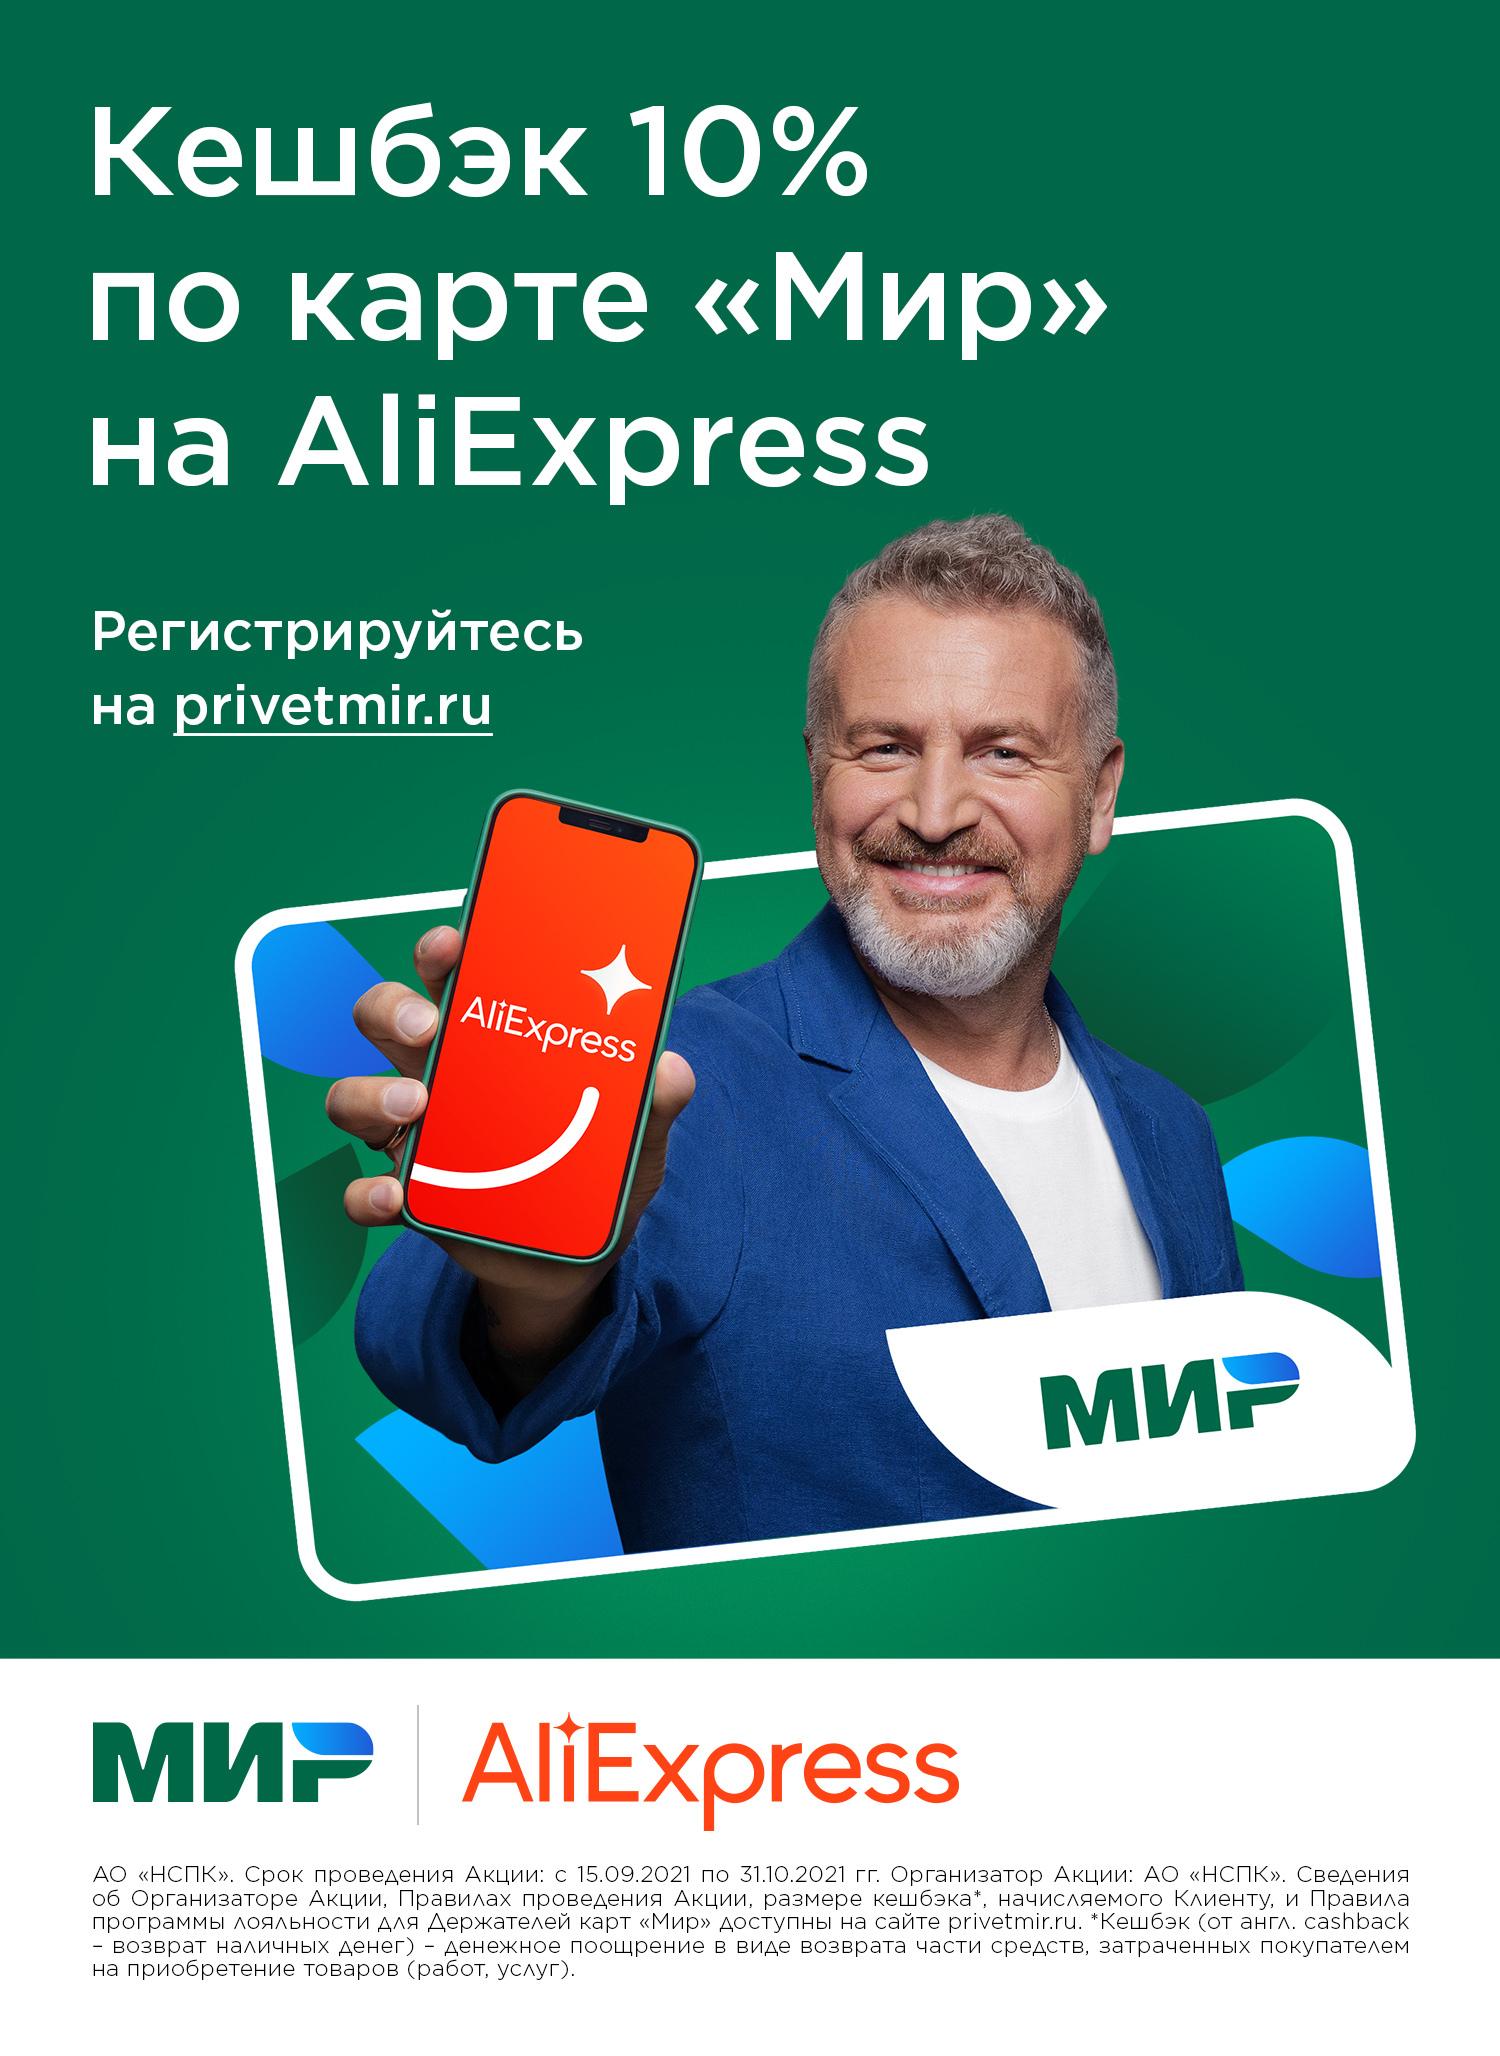 AliExpress запустил повышенный кэшбэк для покупателей с картами МИР